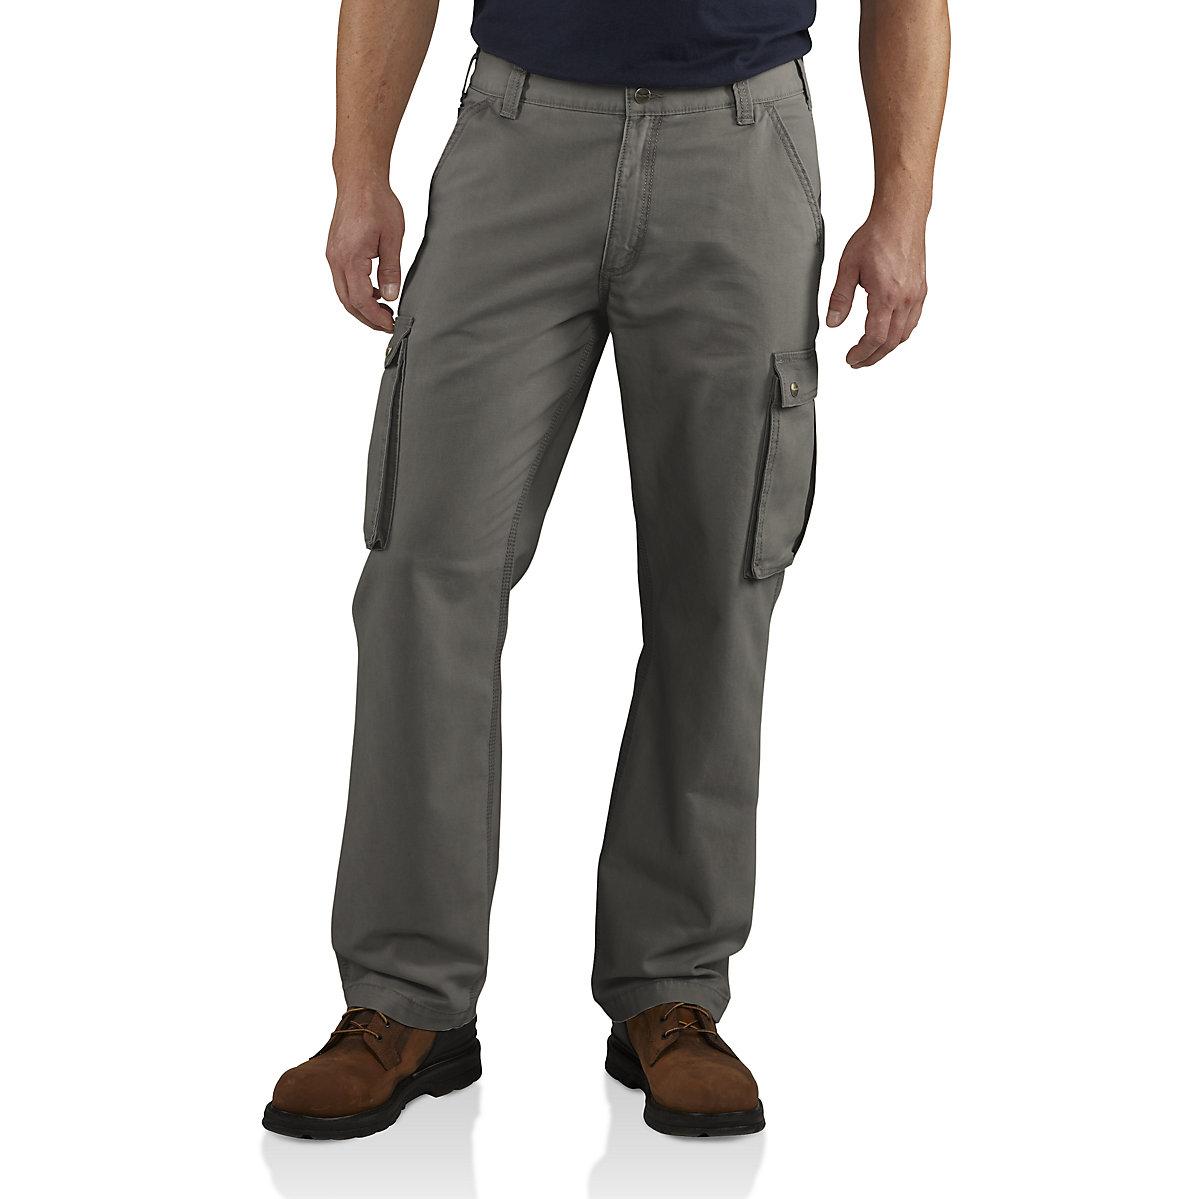 Model  Pants Carhartt Wip Cargo Columbia Ripstop  Cargo Pants For Women